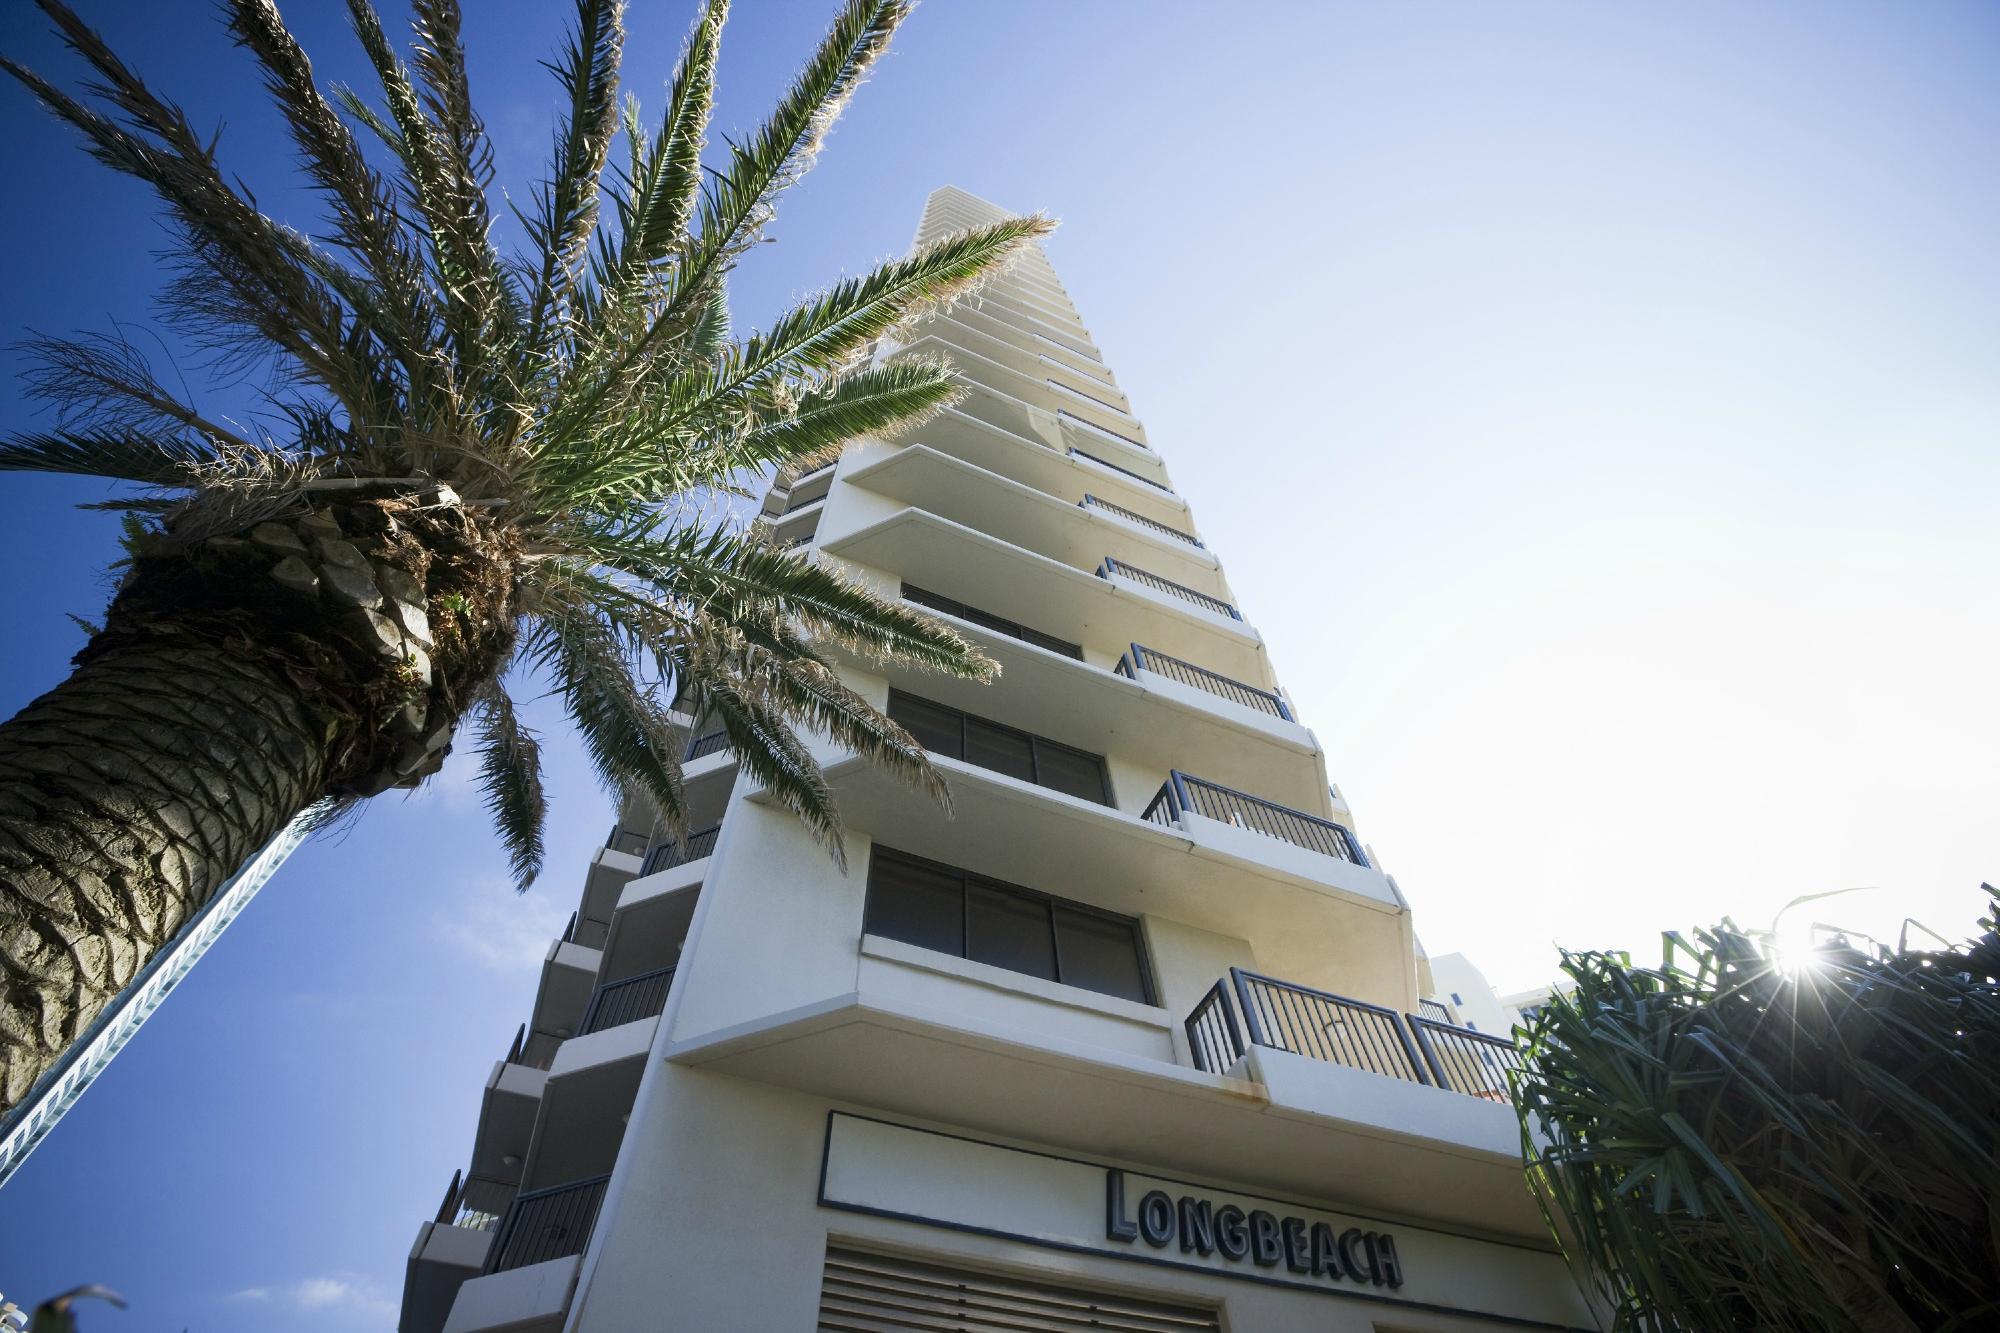 Breakfree Longbeach Resort